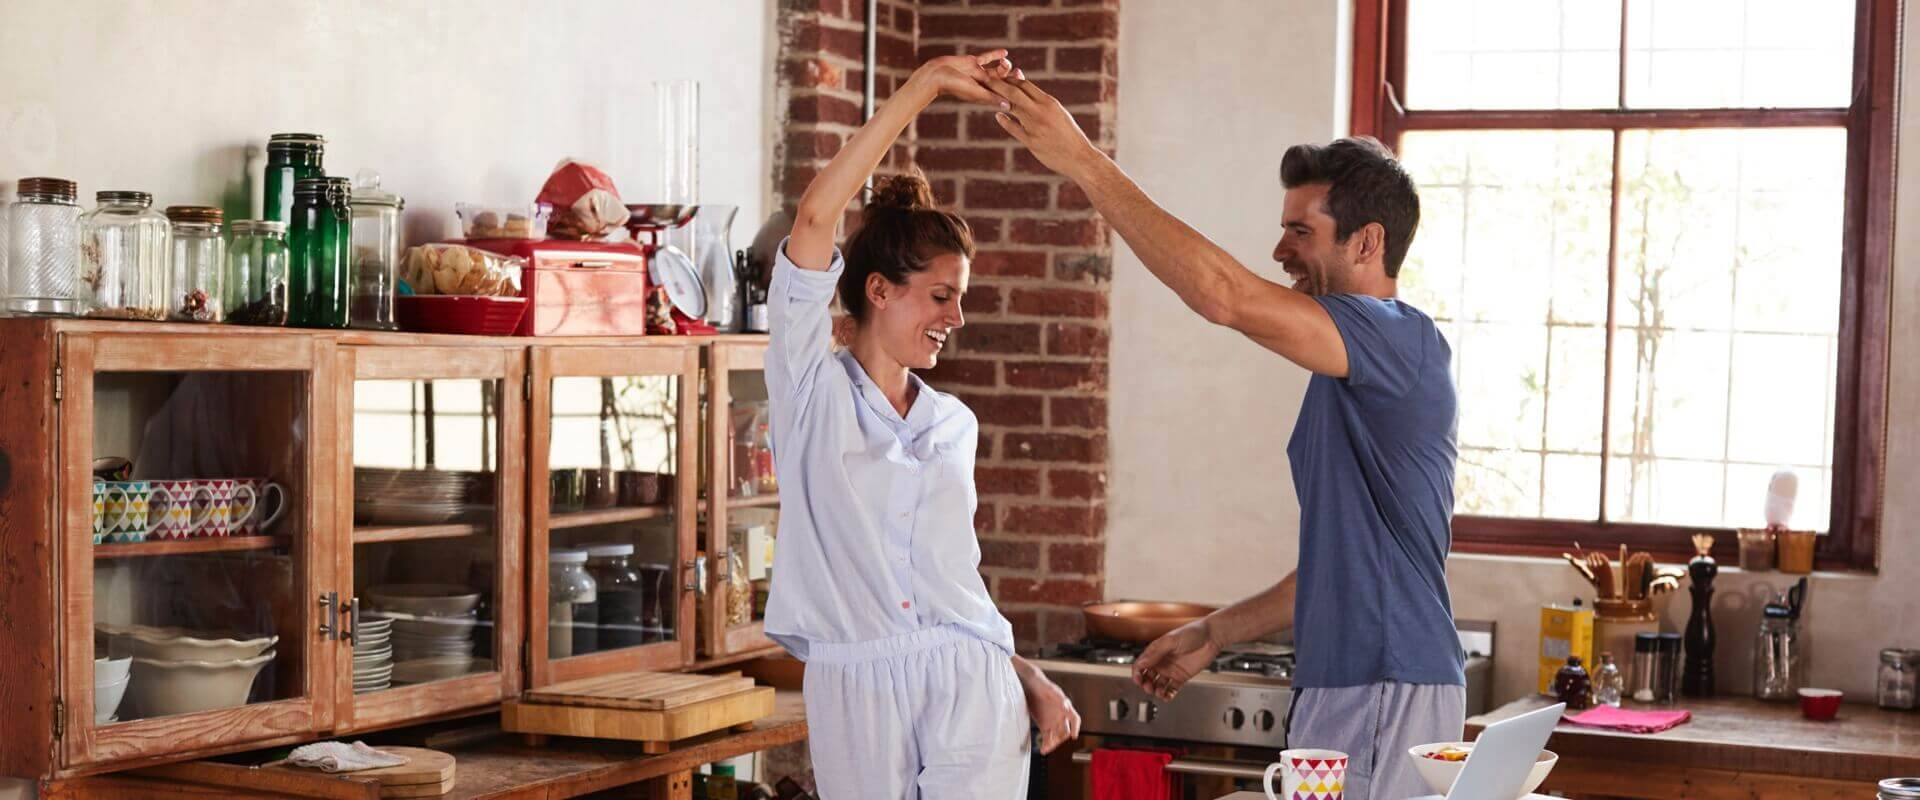 muž a žena tancují doma za doprovodu hudby